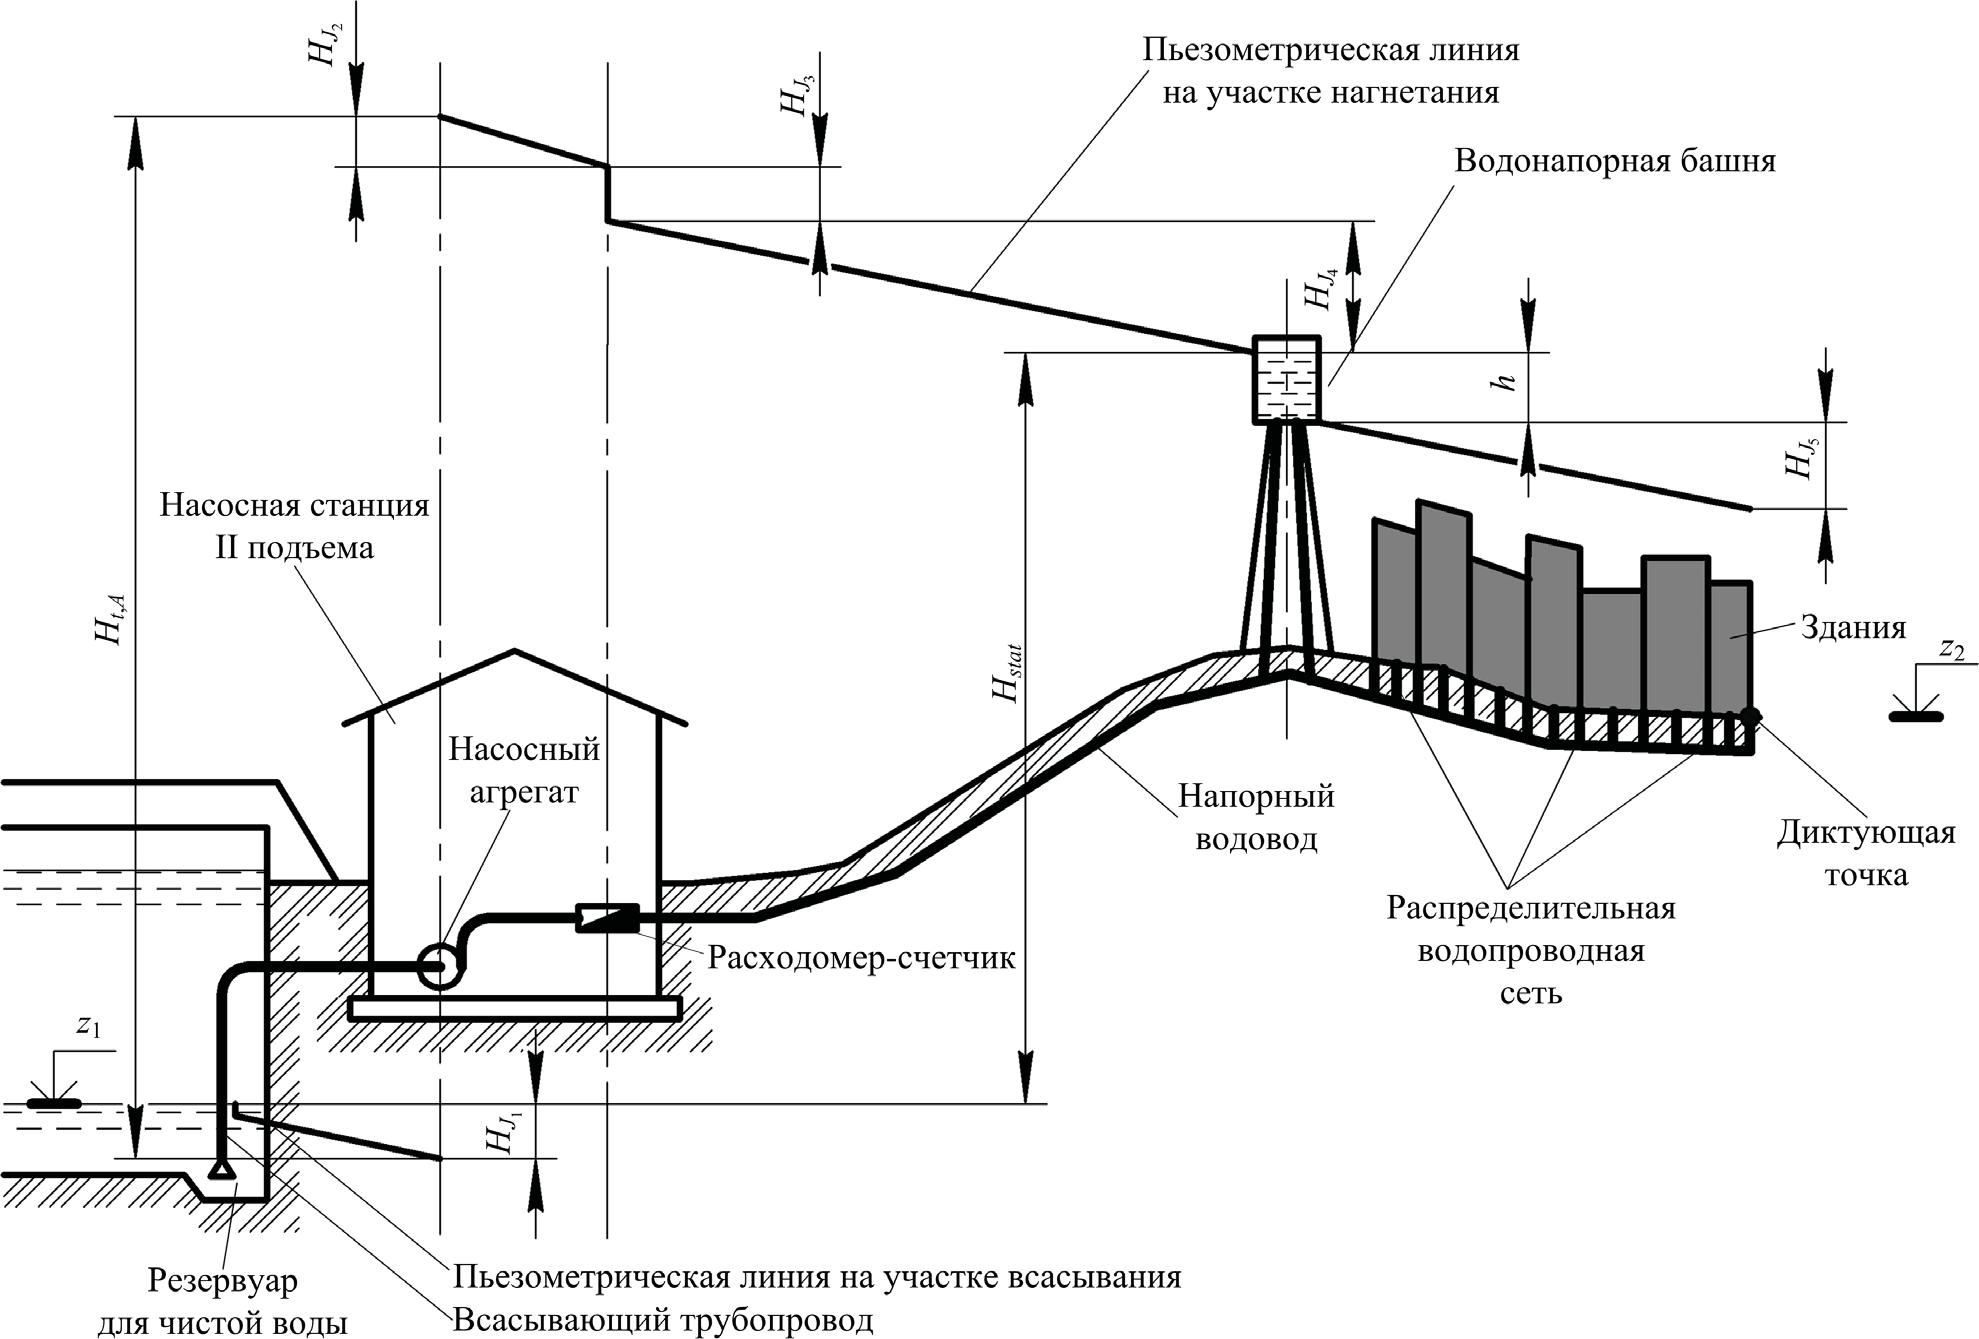 Высотная схема для определения полного напора насосной станции